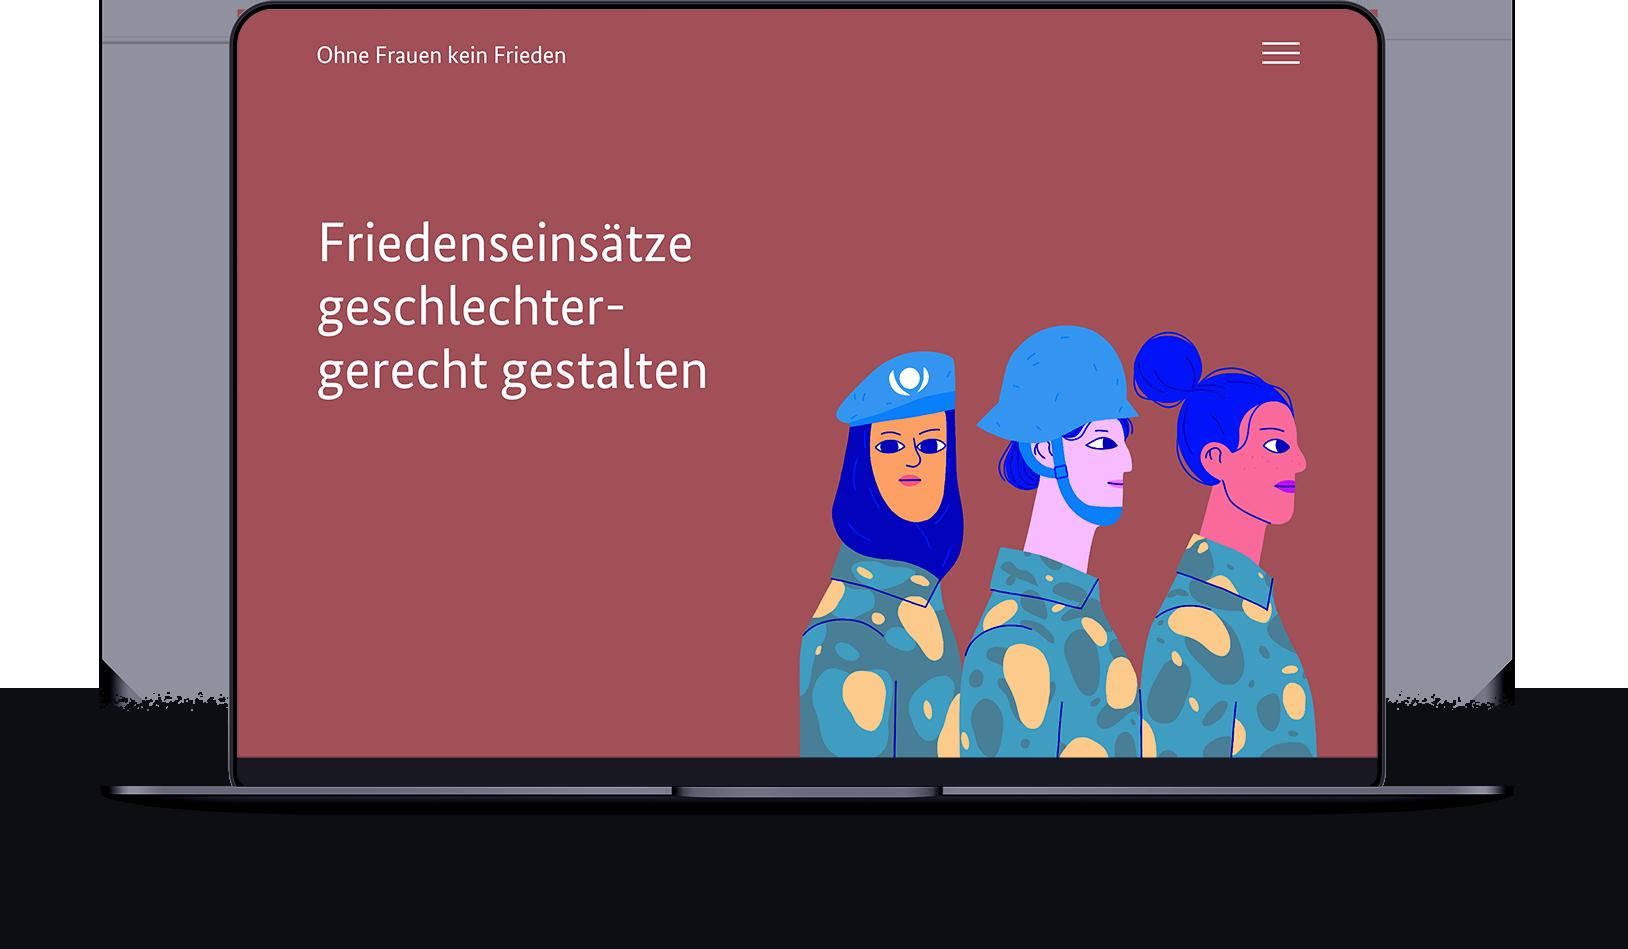 OhnefrauenkeinFrieden7-1